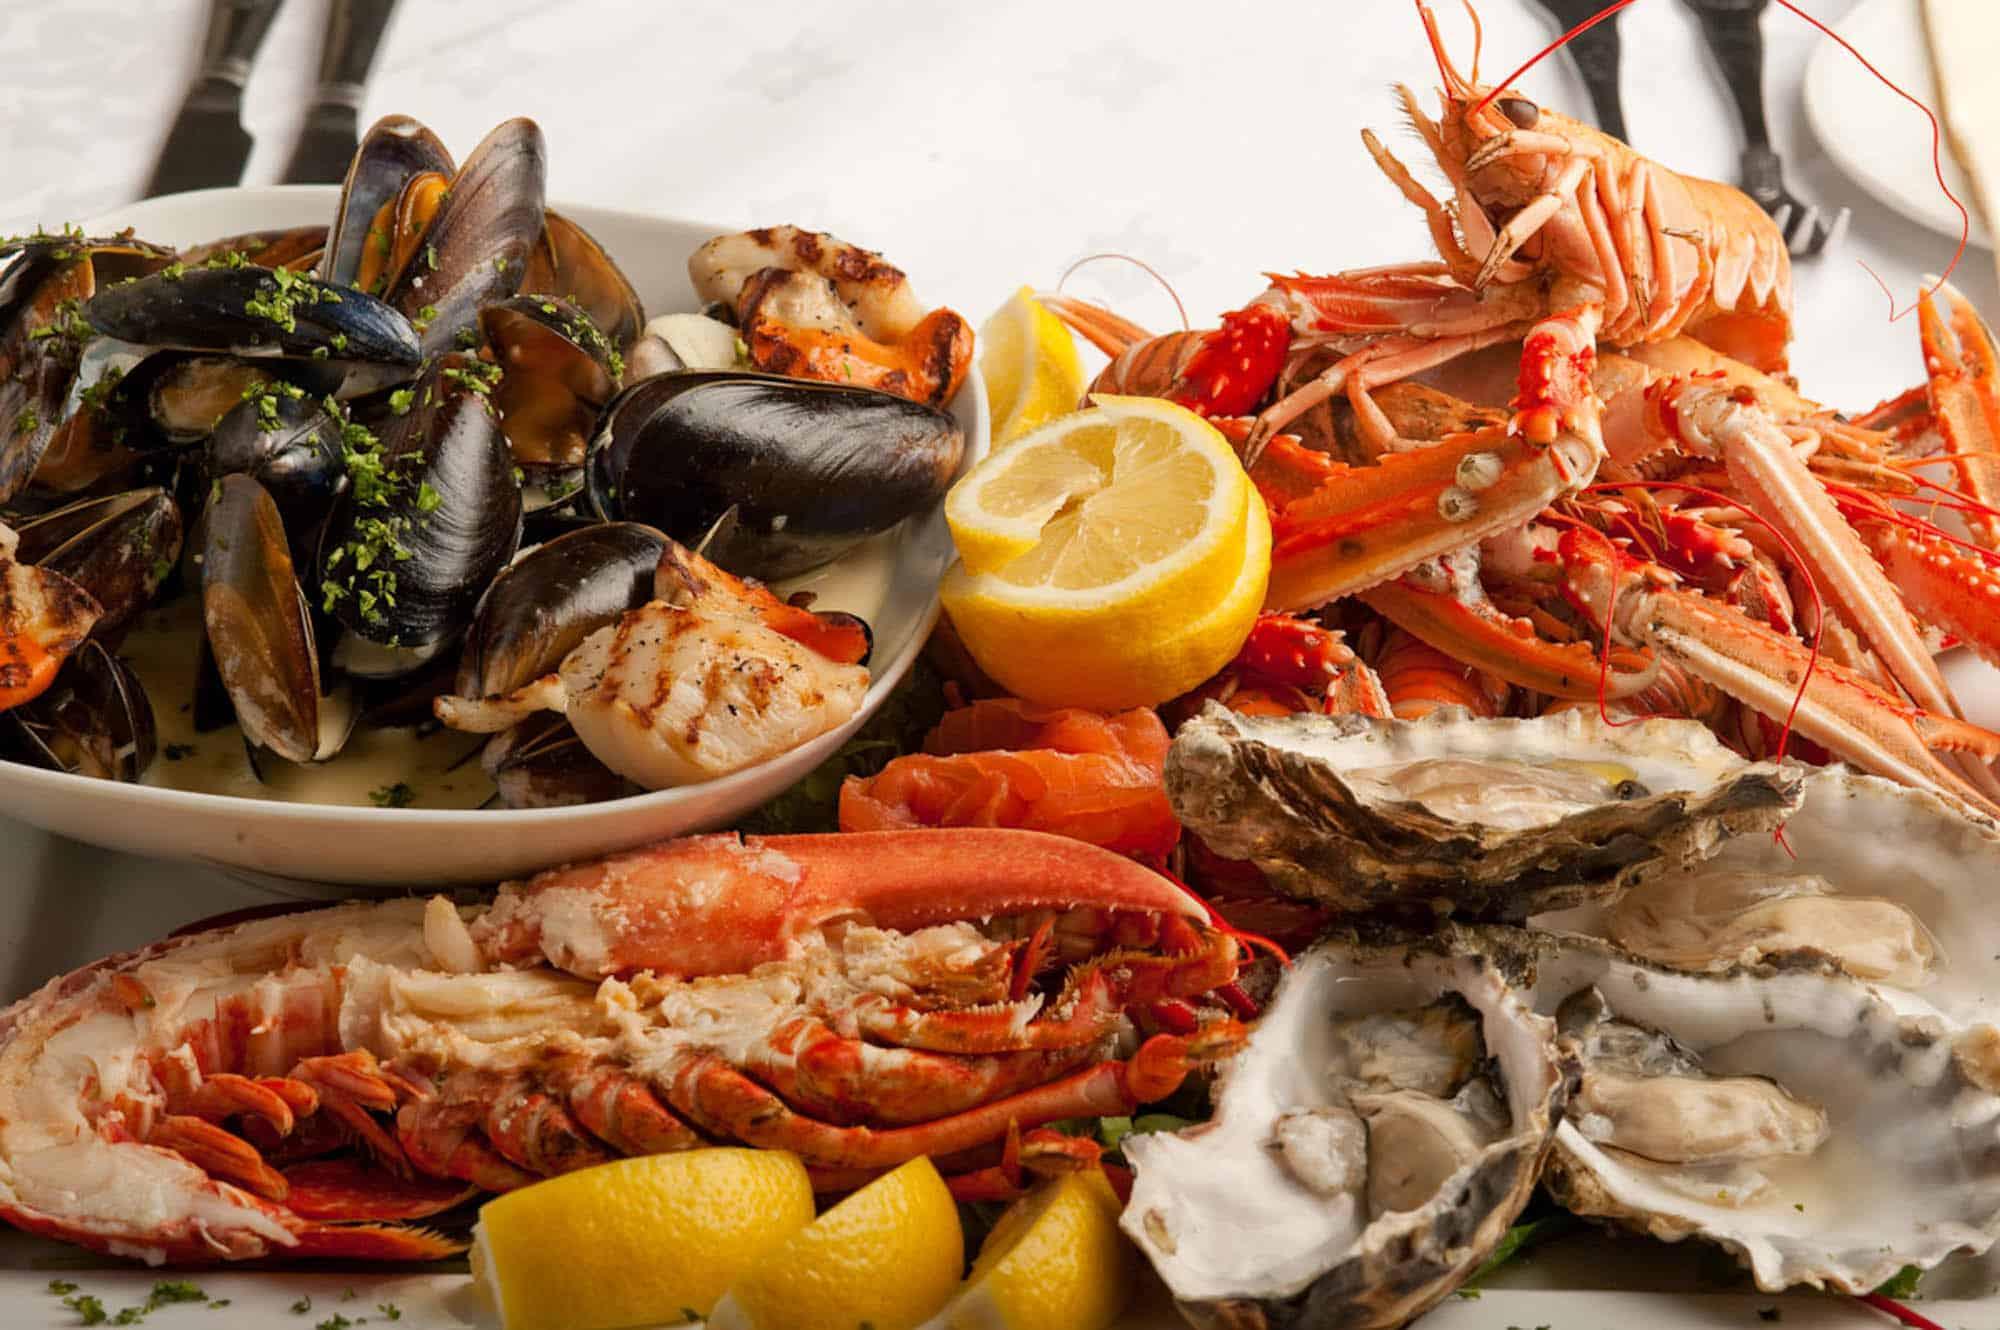 Makanan Seafood, Lomba makan Seafood, Alergi makanan Laut, jenis-jenis alergi